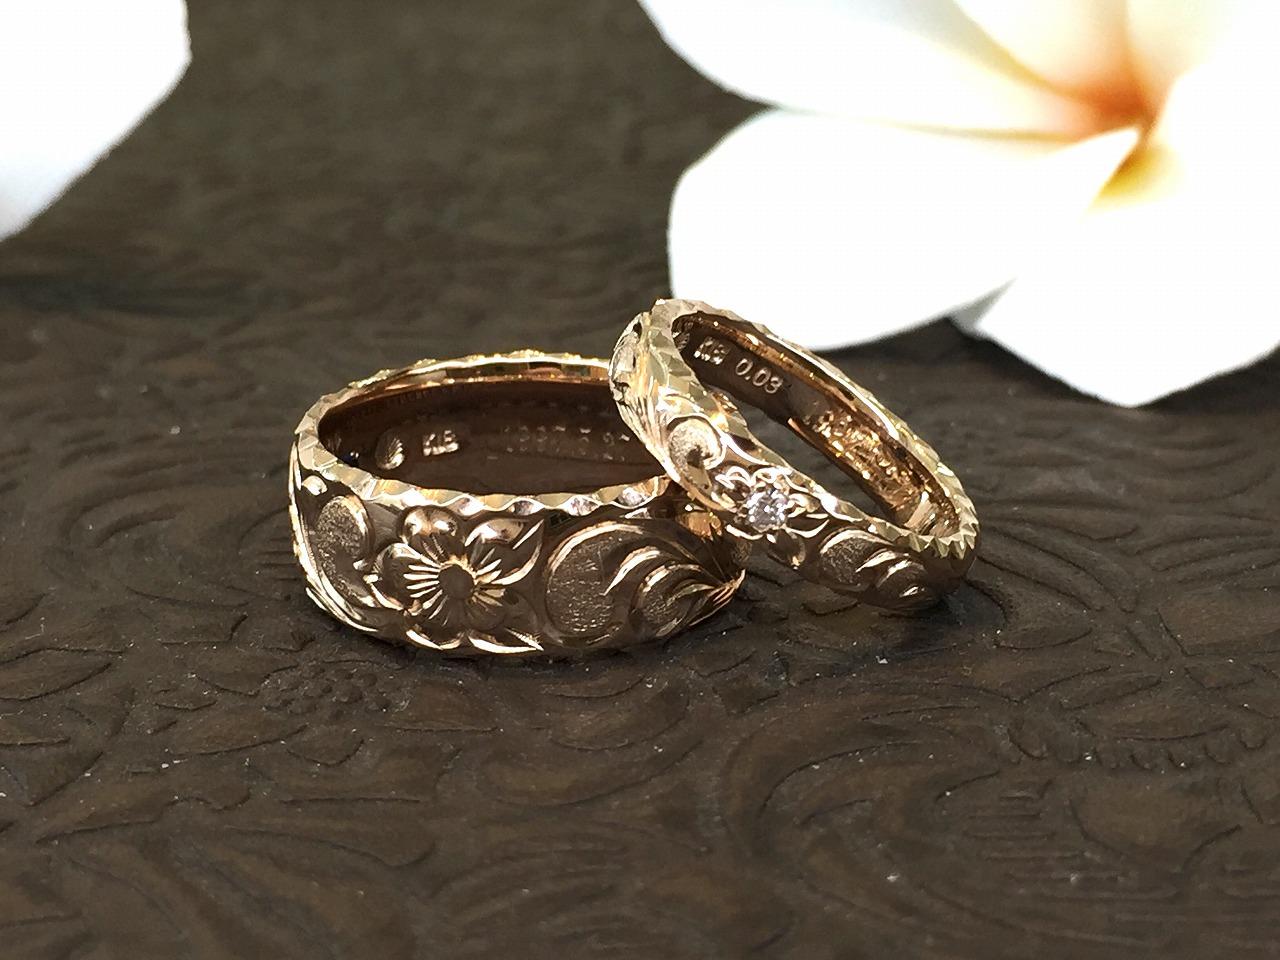 マカナ、ハワイアンジュエリー、富山、結婚指輪、婚約指輪、オーダーメイド